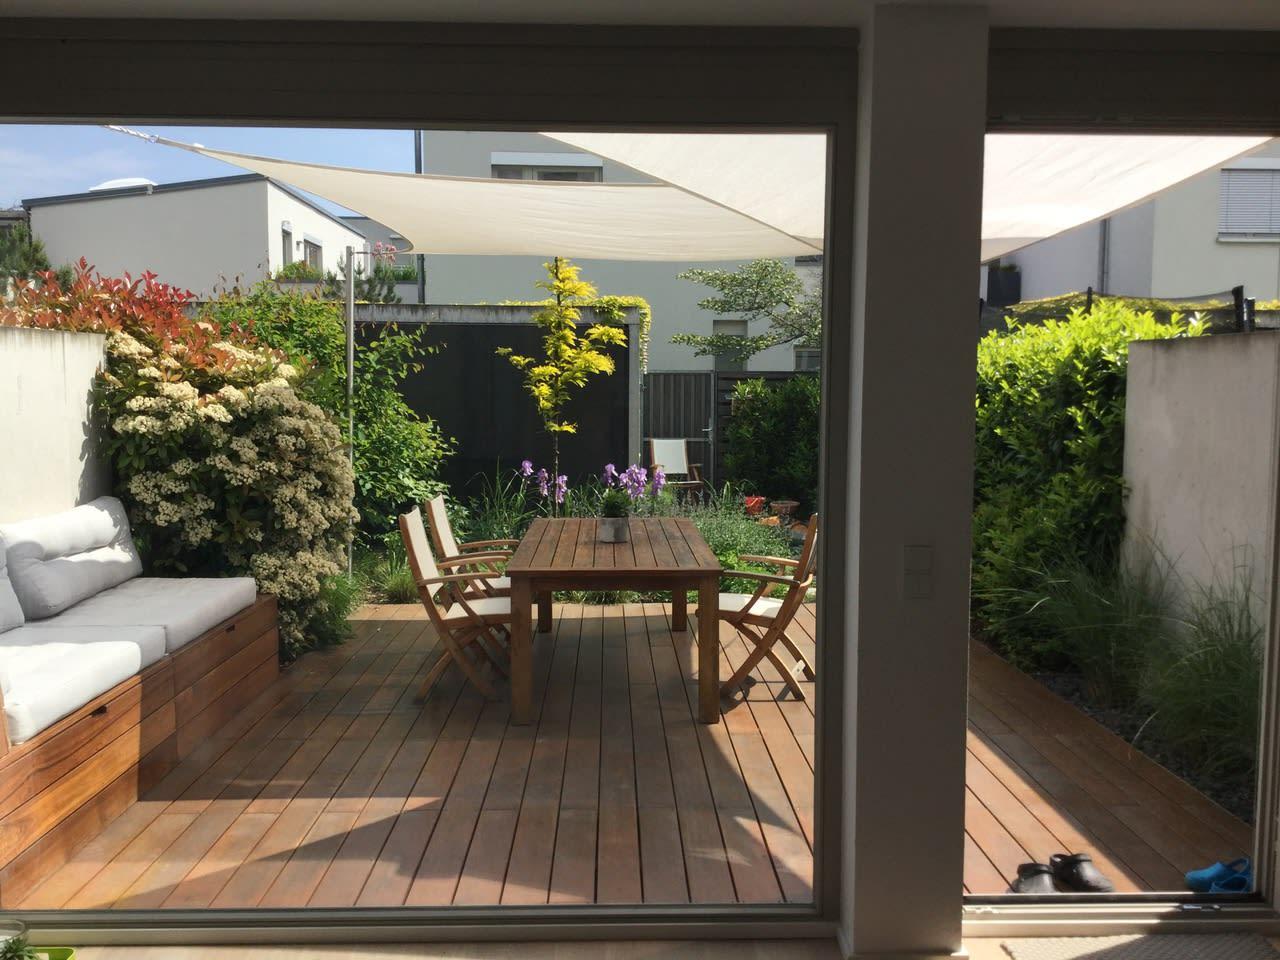 Terrasse mit Holzboden und Tisch mit Stühlen mit Sitzecke Sicht von Innen